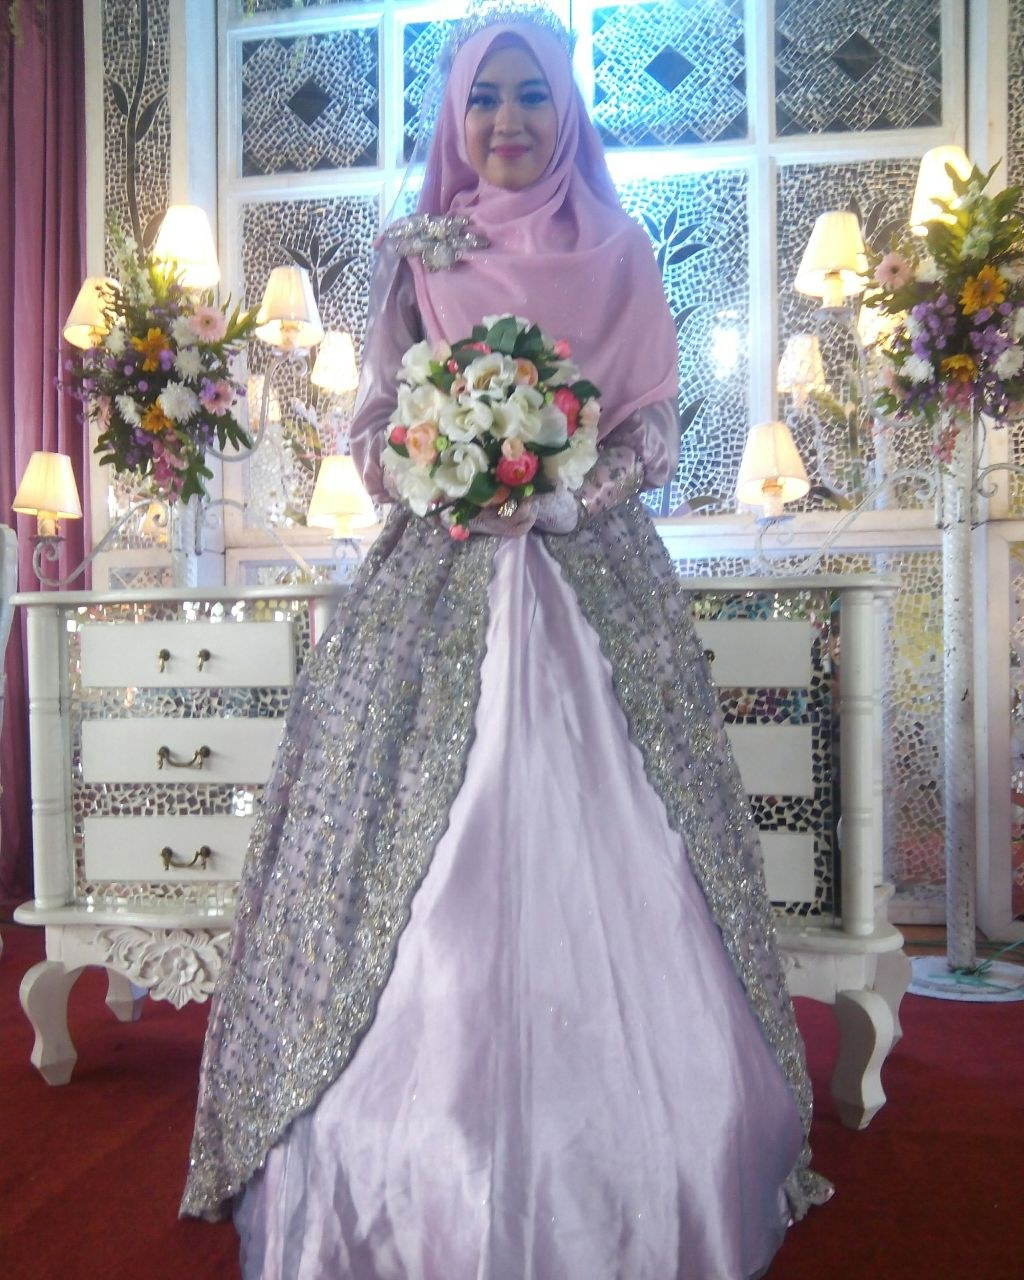 Bentuk Sewa Gaun Pengantin Muslimah Di solo Ftd8 Sewa Gaun Pengantin Syar I